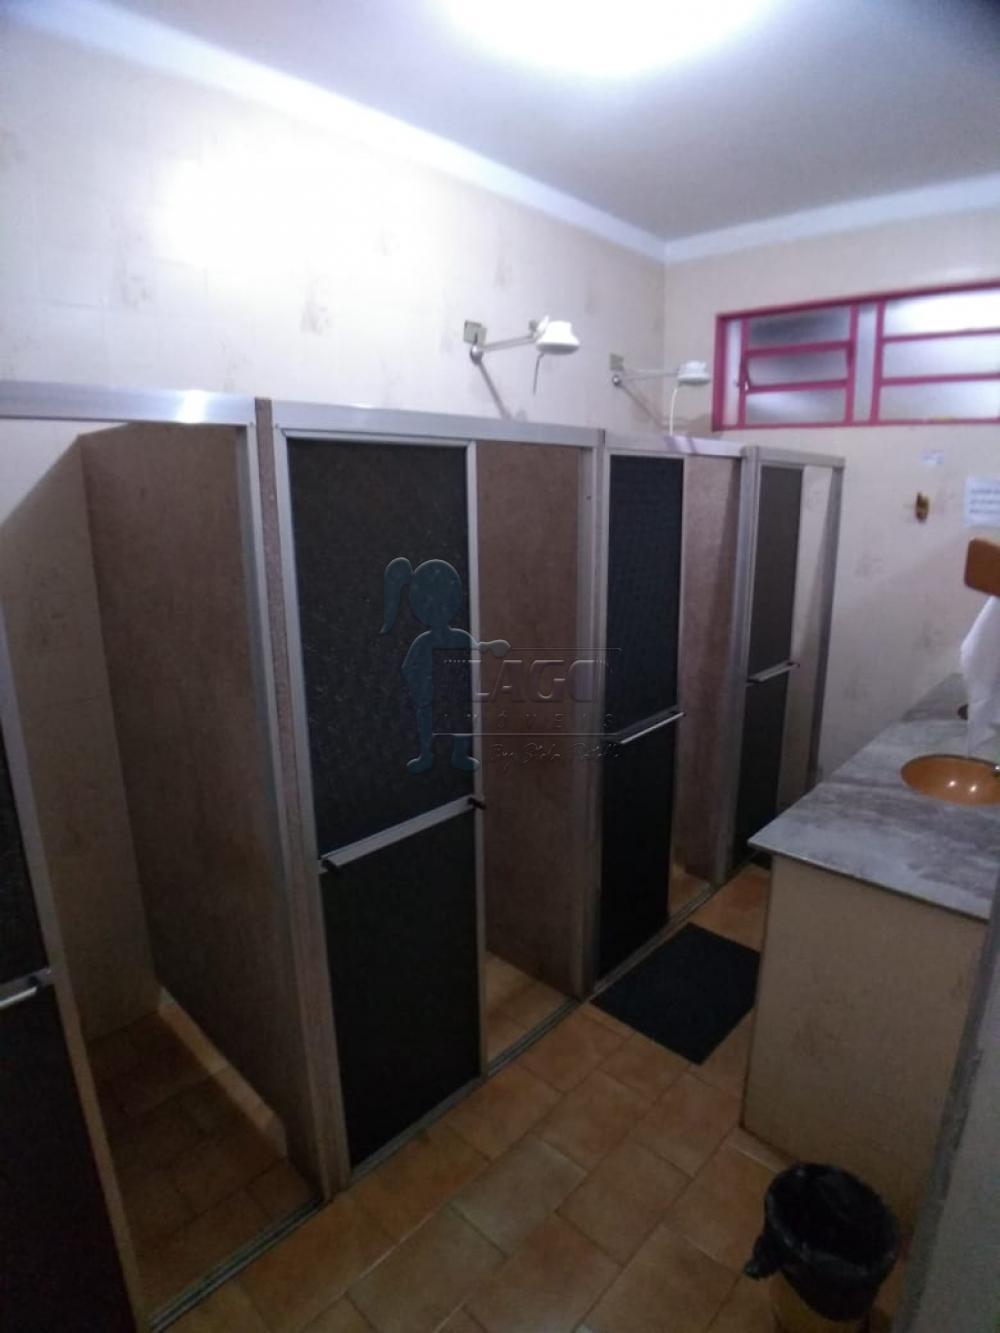 Alugar Comercial / Imóvel Comercial em Ribeirão Preto apenas R$ 4.000,00 - Foto 6